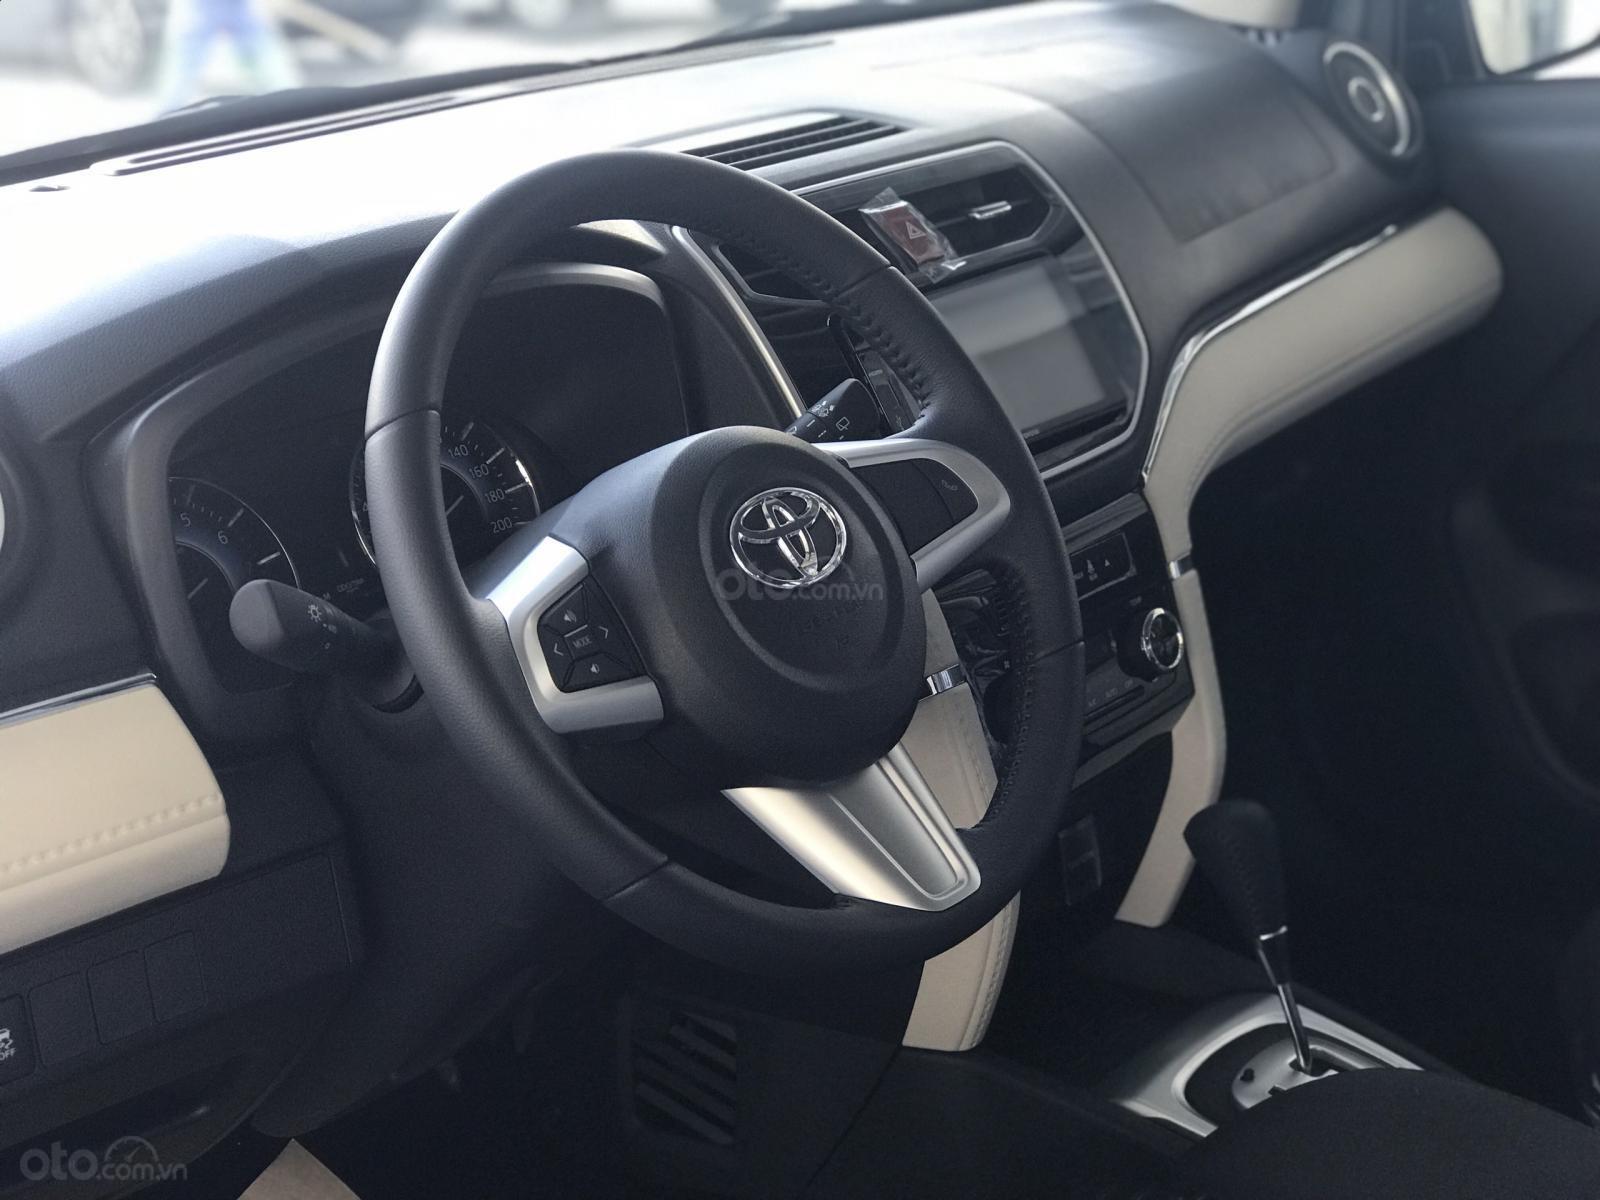 Toyota Rush nhập khẩu Indo mới 100% 2019 còn rất ít xe. Hỗ trợ trả góp từ 5tr/tháng, LH Lộc 0942.456.838 (12)